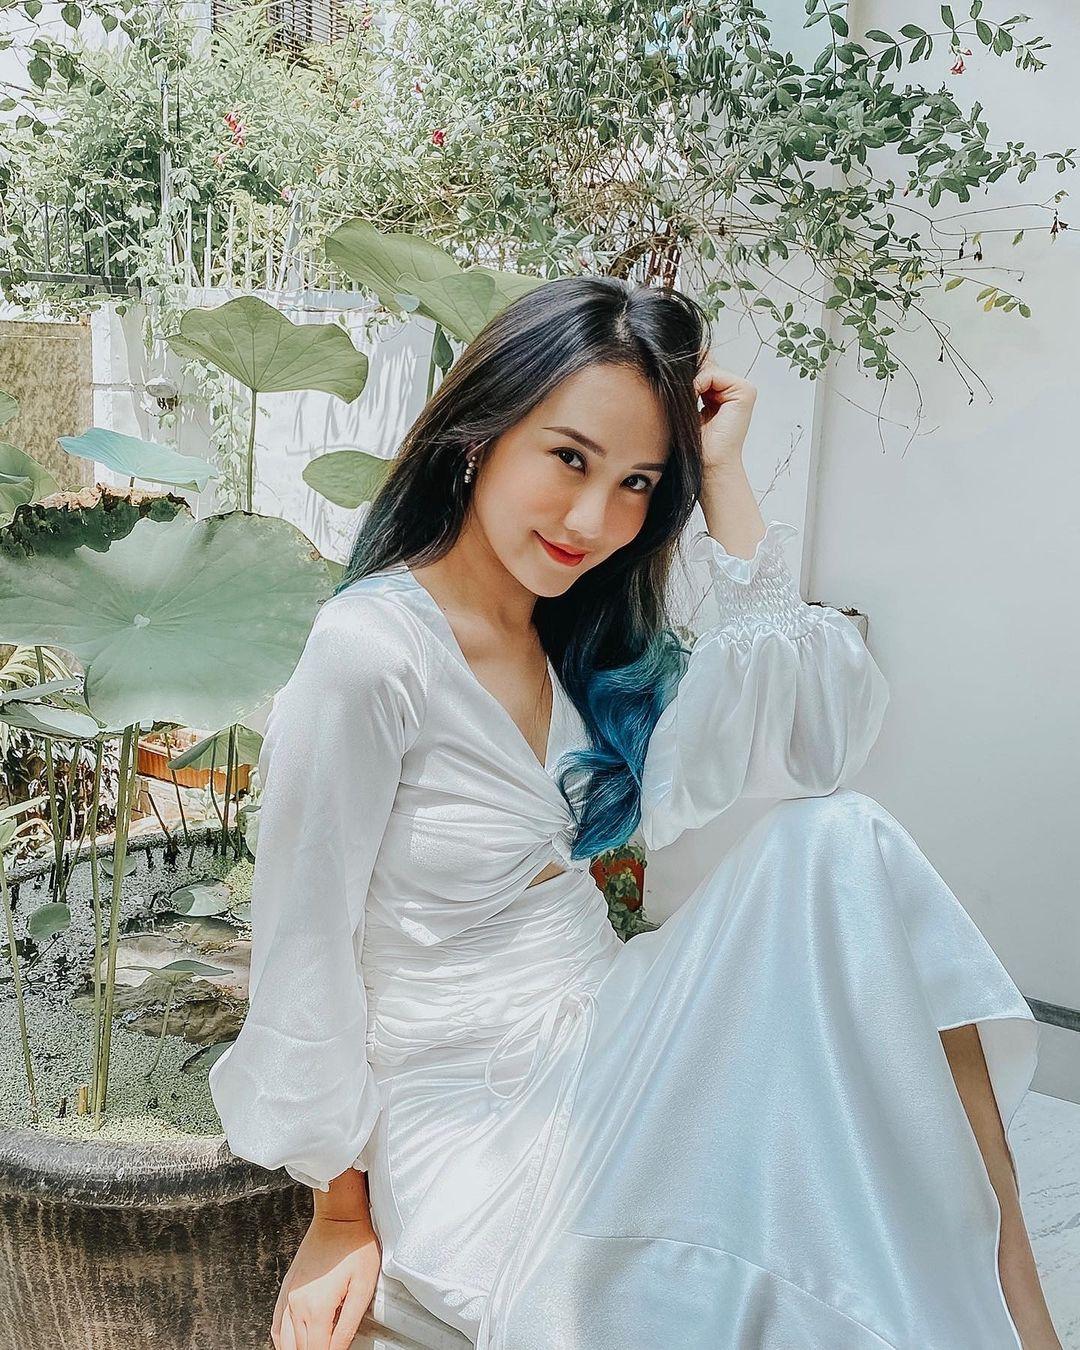 Những gam màu tinh khôi như trắng, be, pastel xuất hiện nhiều trong tủ đồ của nàng beauty blogger.